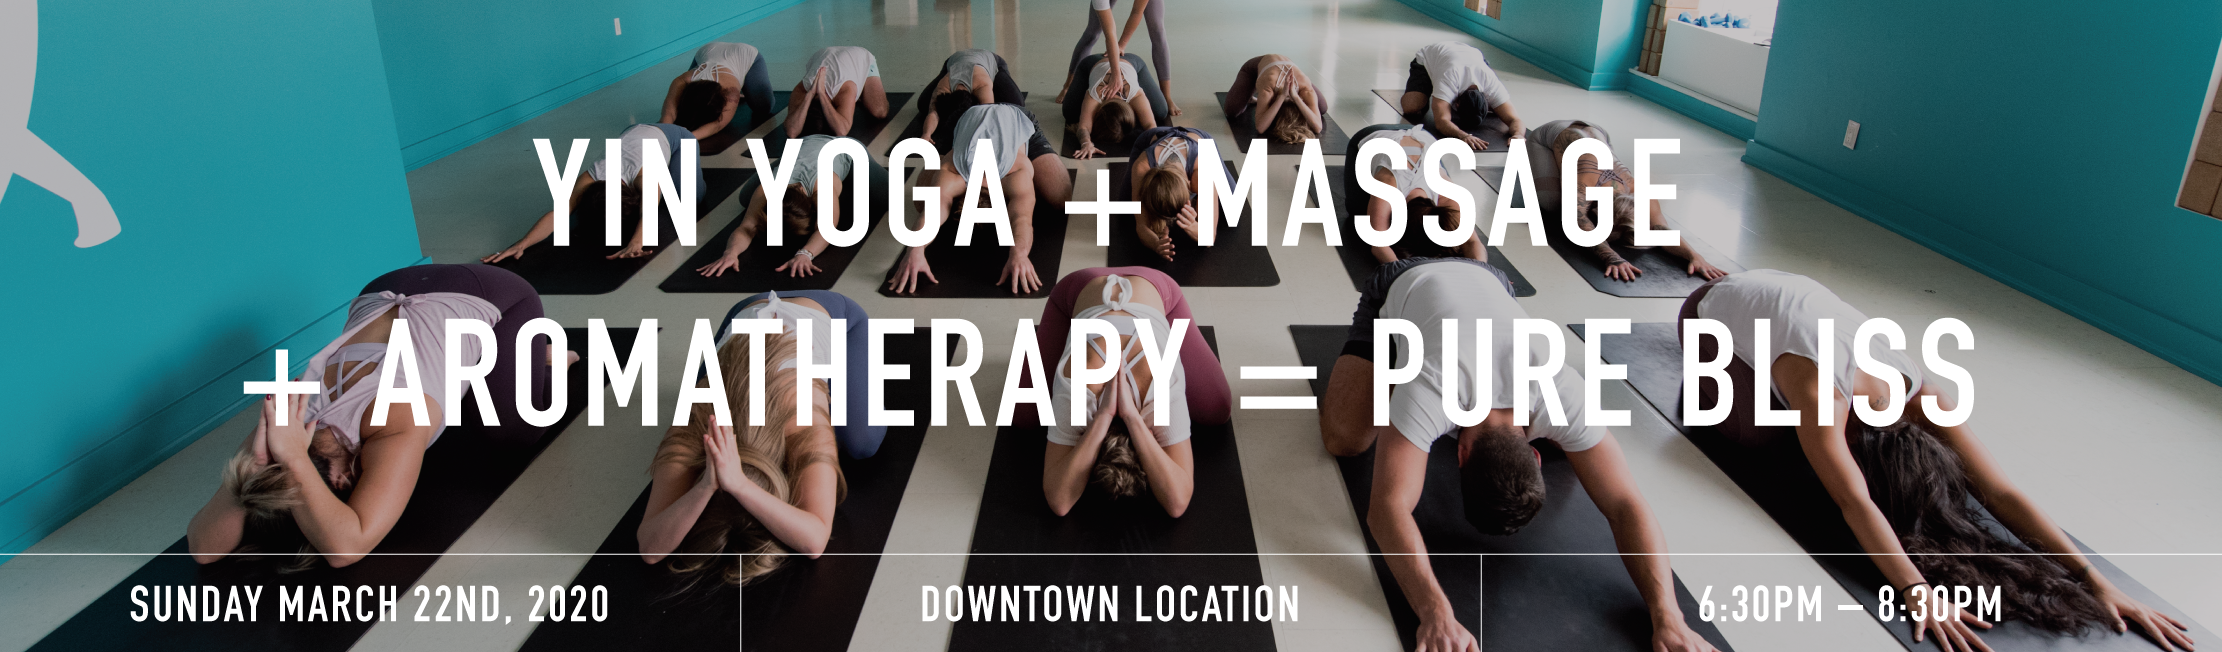 Yogassage banner  5